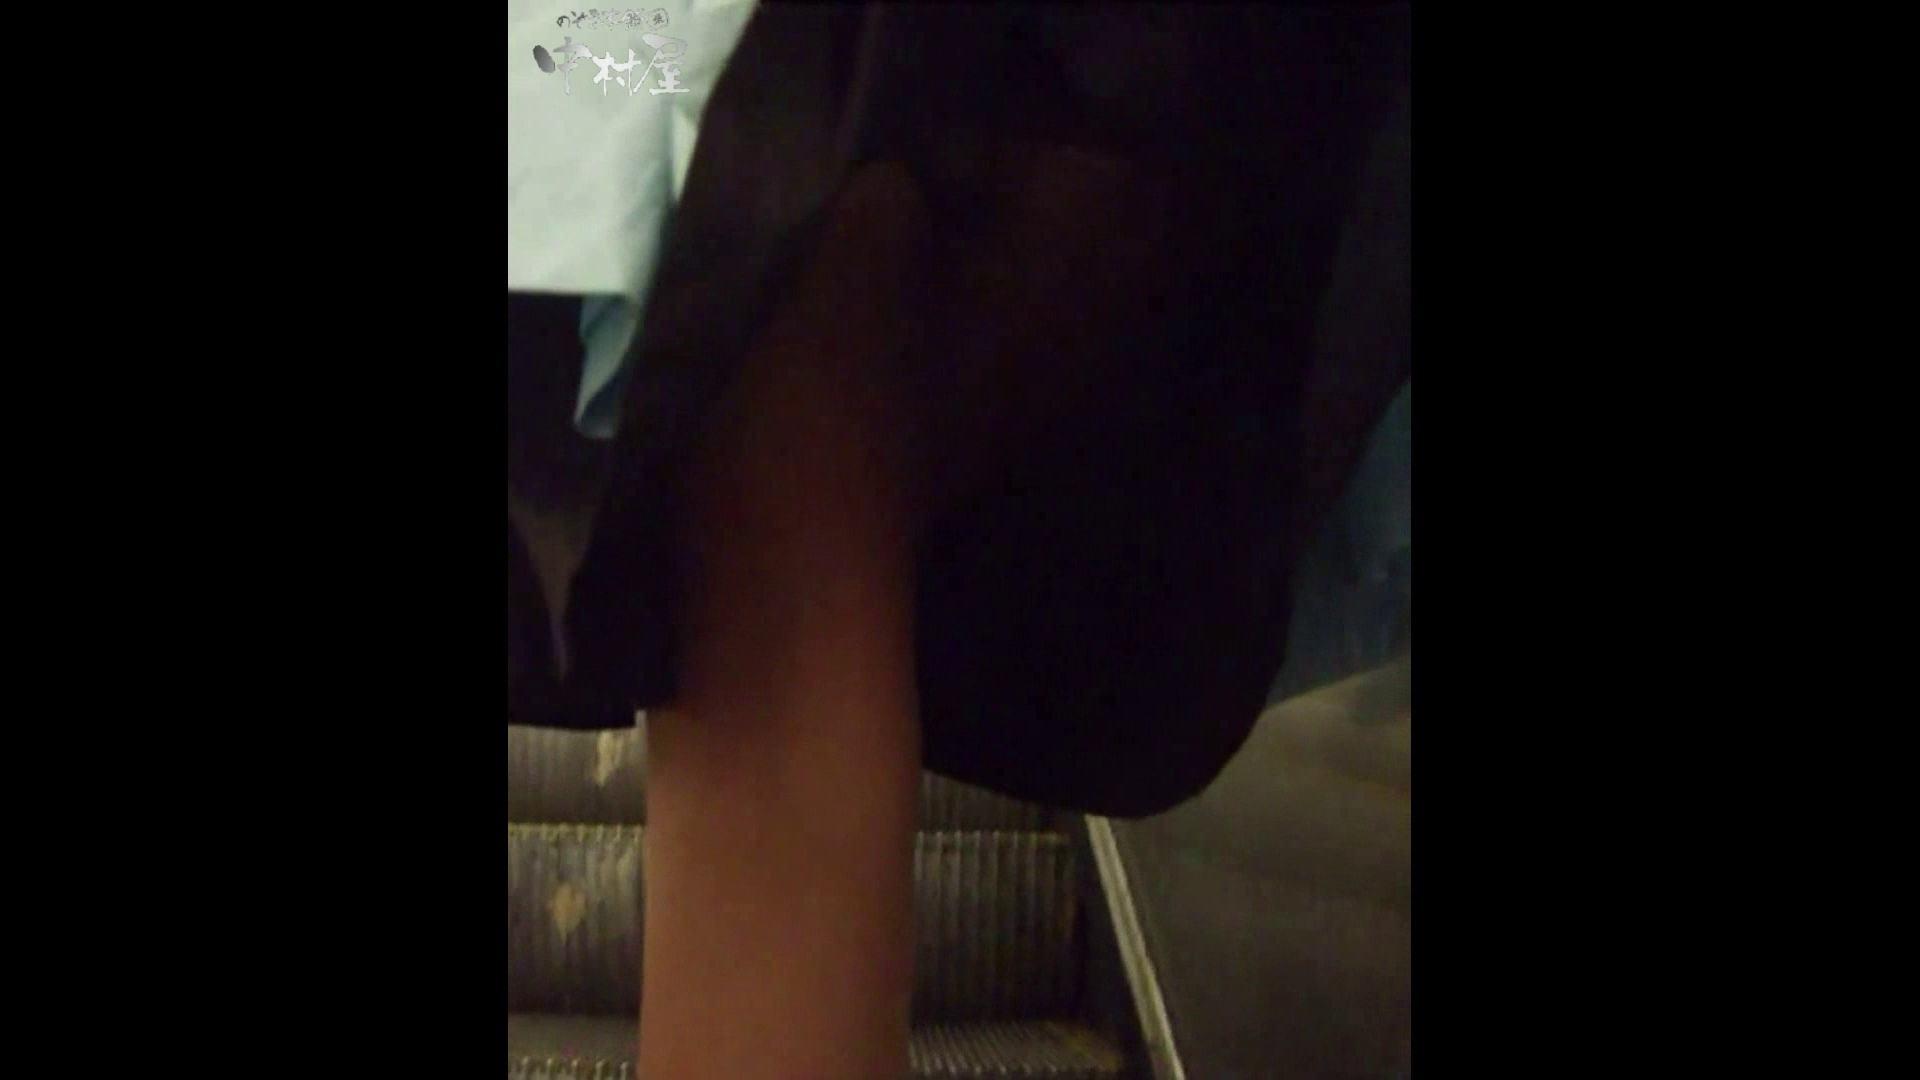 綺麗なモデルさんのスカート捲っちゃおう‼ vol15 モデルのエロ生活 濡れ場動画紹介 79連発 47